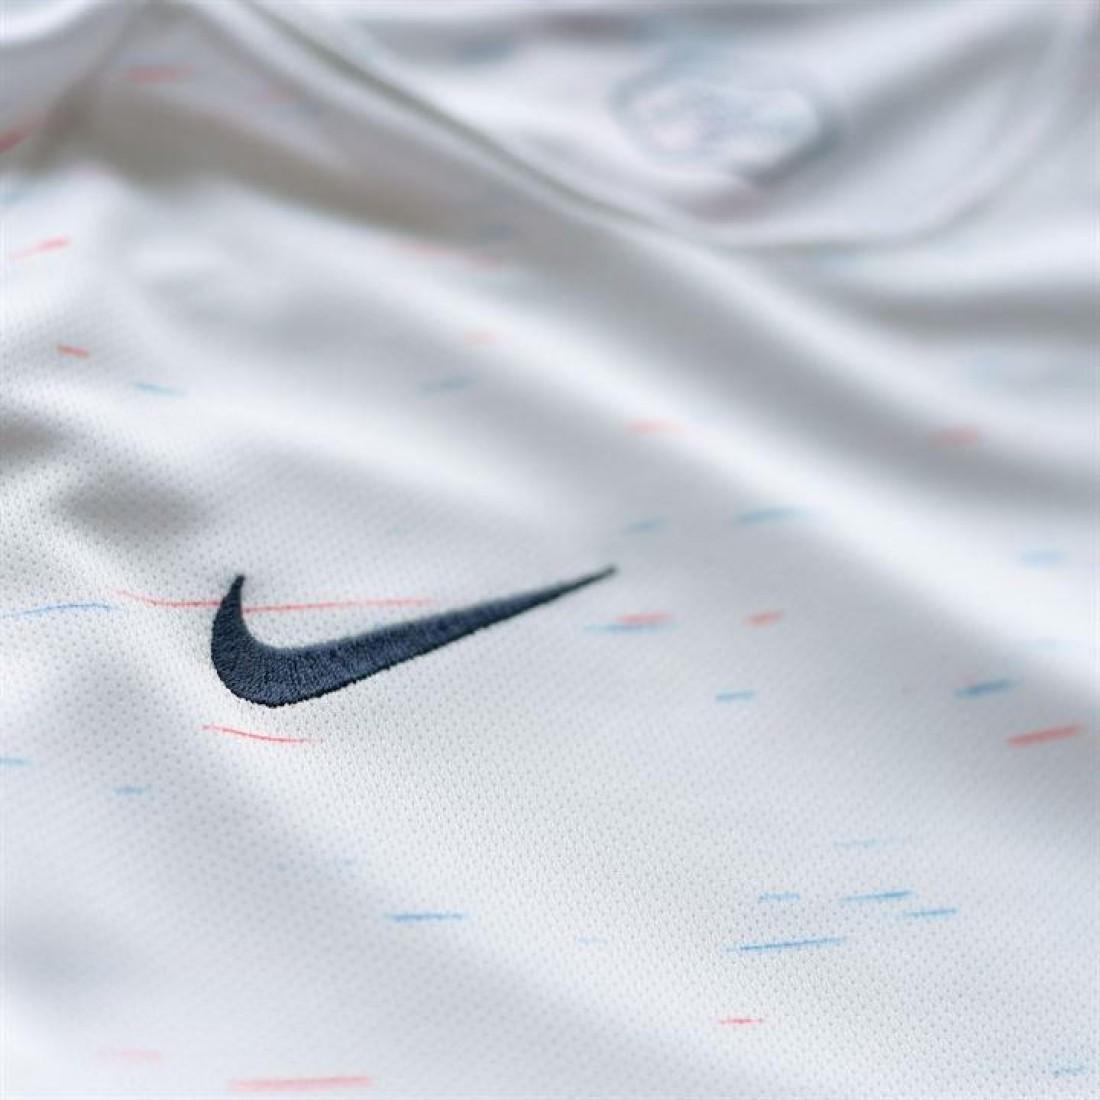 ba90c27e8bc ... Nike France детска футболна тениска Франция Найк AWAY Shirt junior 2018  СВЕТОВНО ПЪРВЕНСТВО ПО по футбол ...